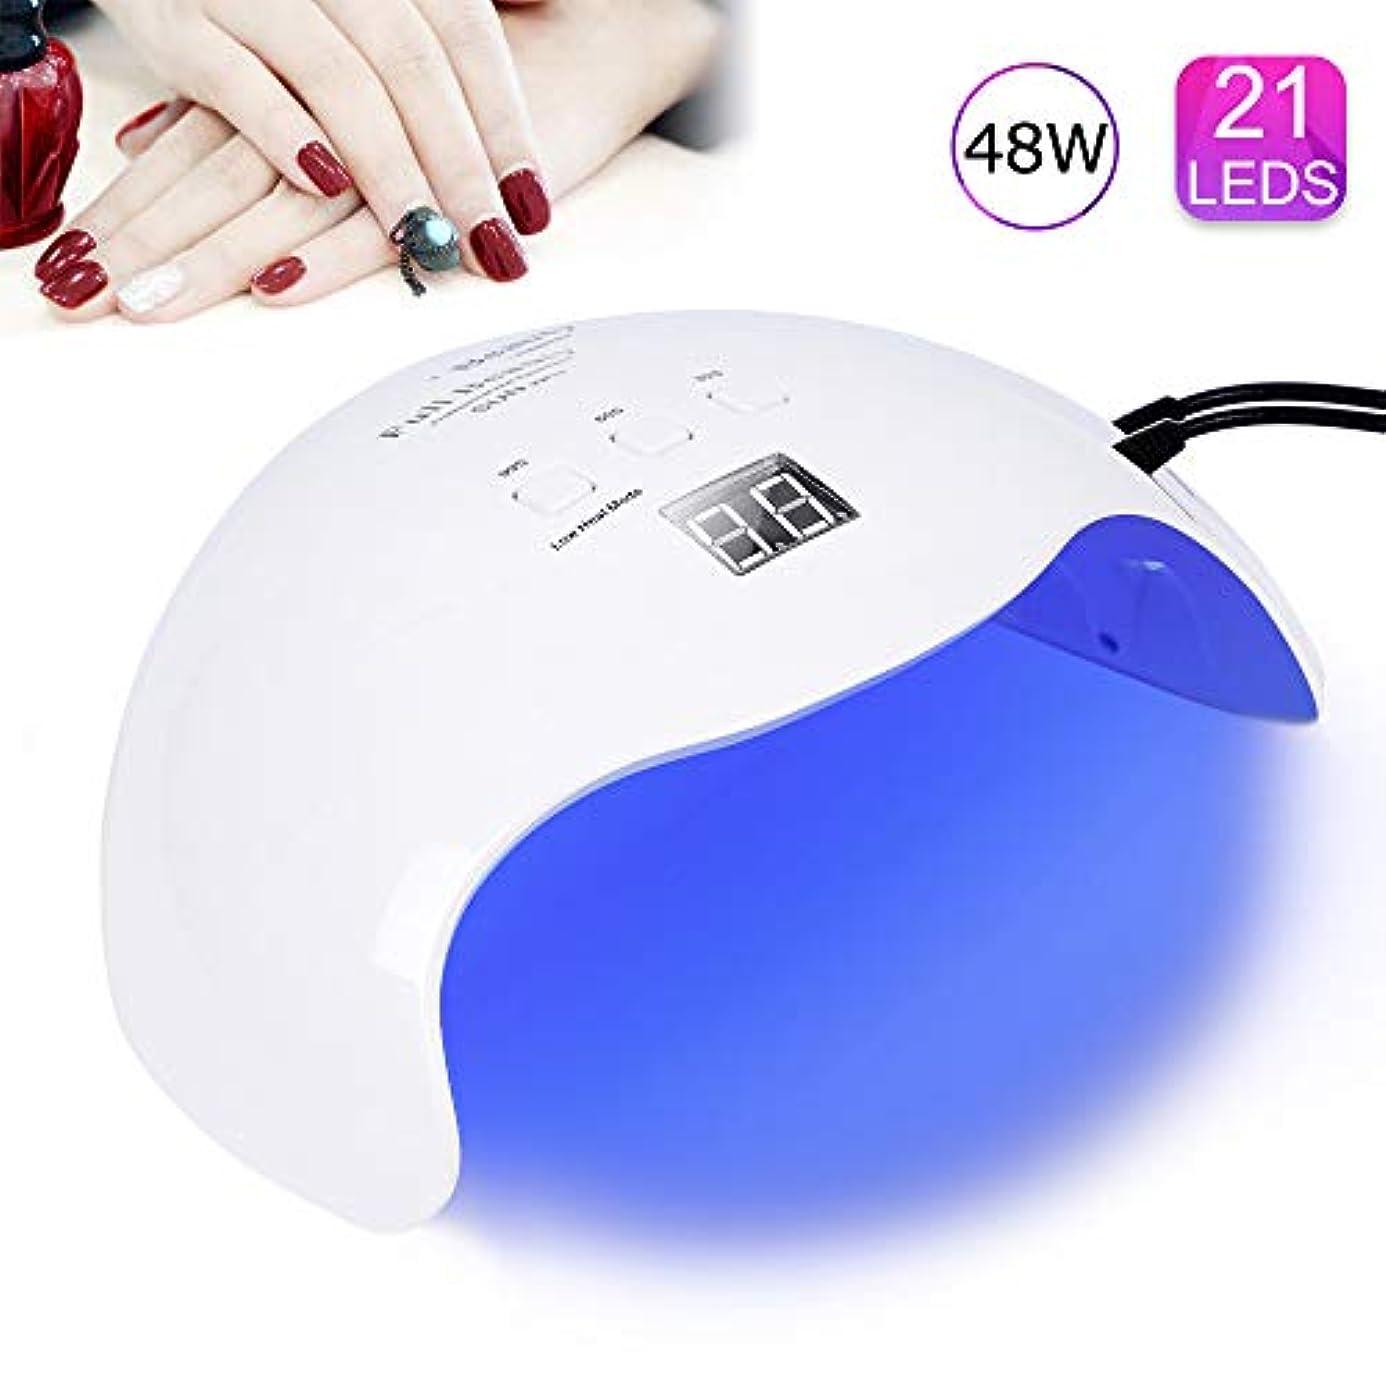 サーカス集める後悔紫外線LEDネイルドライヤー、48Wサロン品質プロフェッショナルジェルライト、3タイマーセットネイルライト(30S、60S、99S)、インテリジェント自動検知、LEDデジタルディスプレイ、UVジェル/